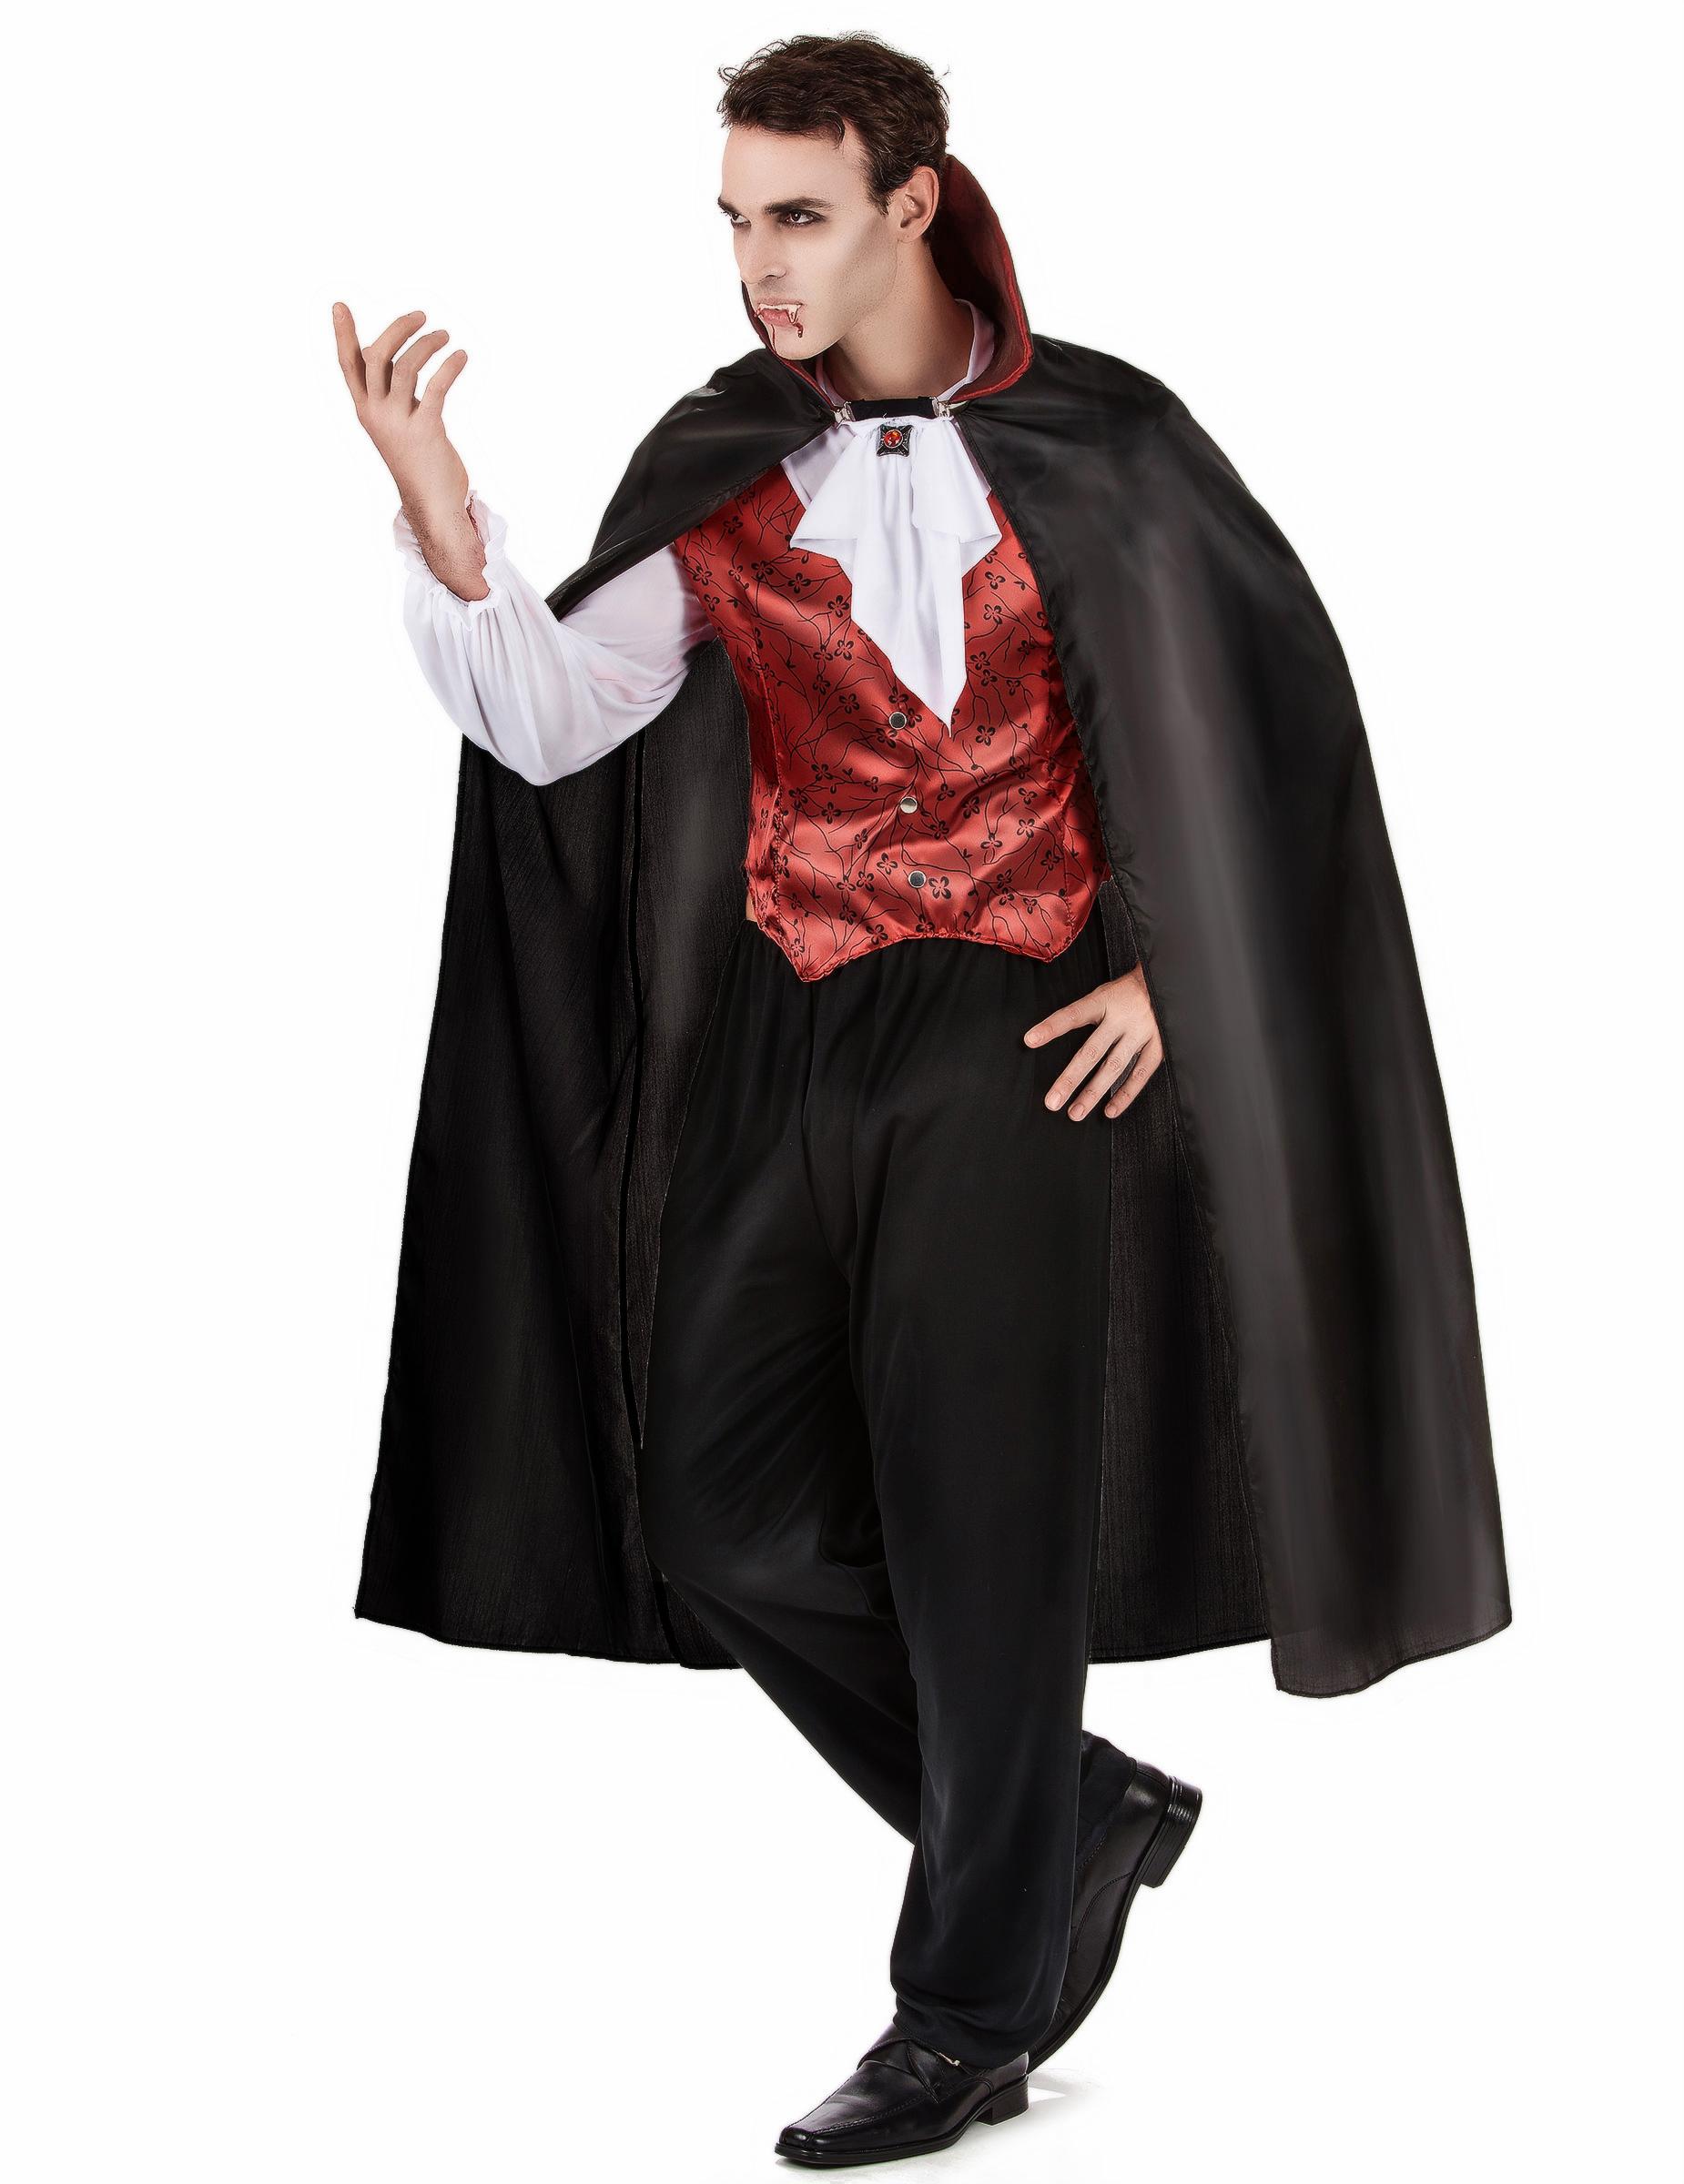 Costume da vampiro uomo Halloween  Costumi adulti 5191a23fe31e